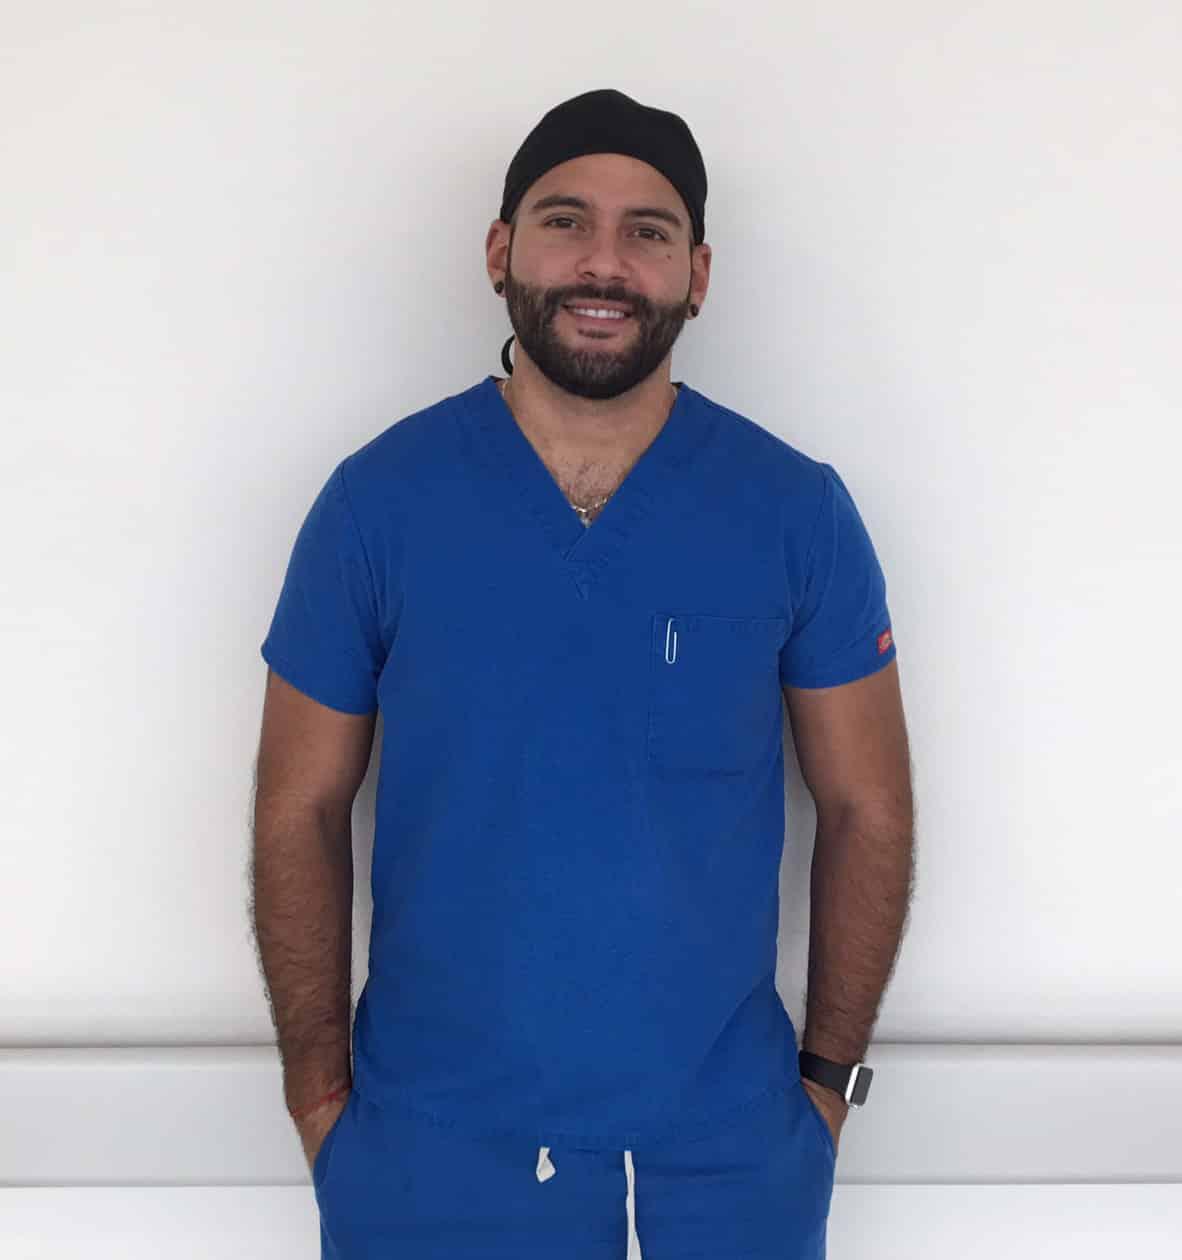 GRADUATE SPOTLIGHT for #NursesWeek – Pedro Peña, AS in Nursing, Miami campus